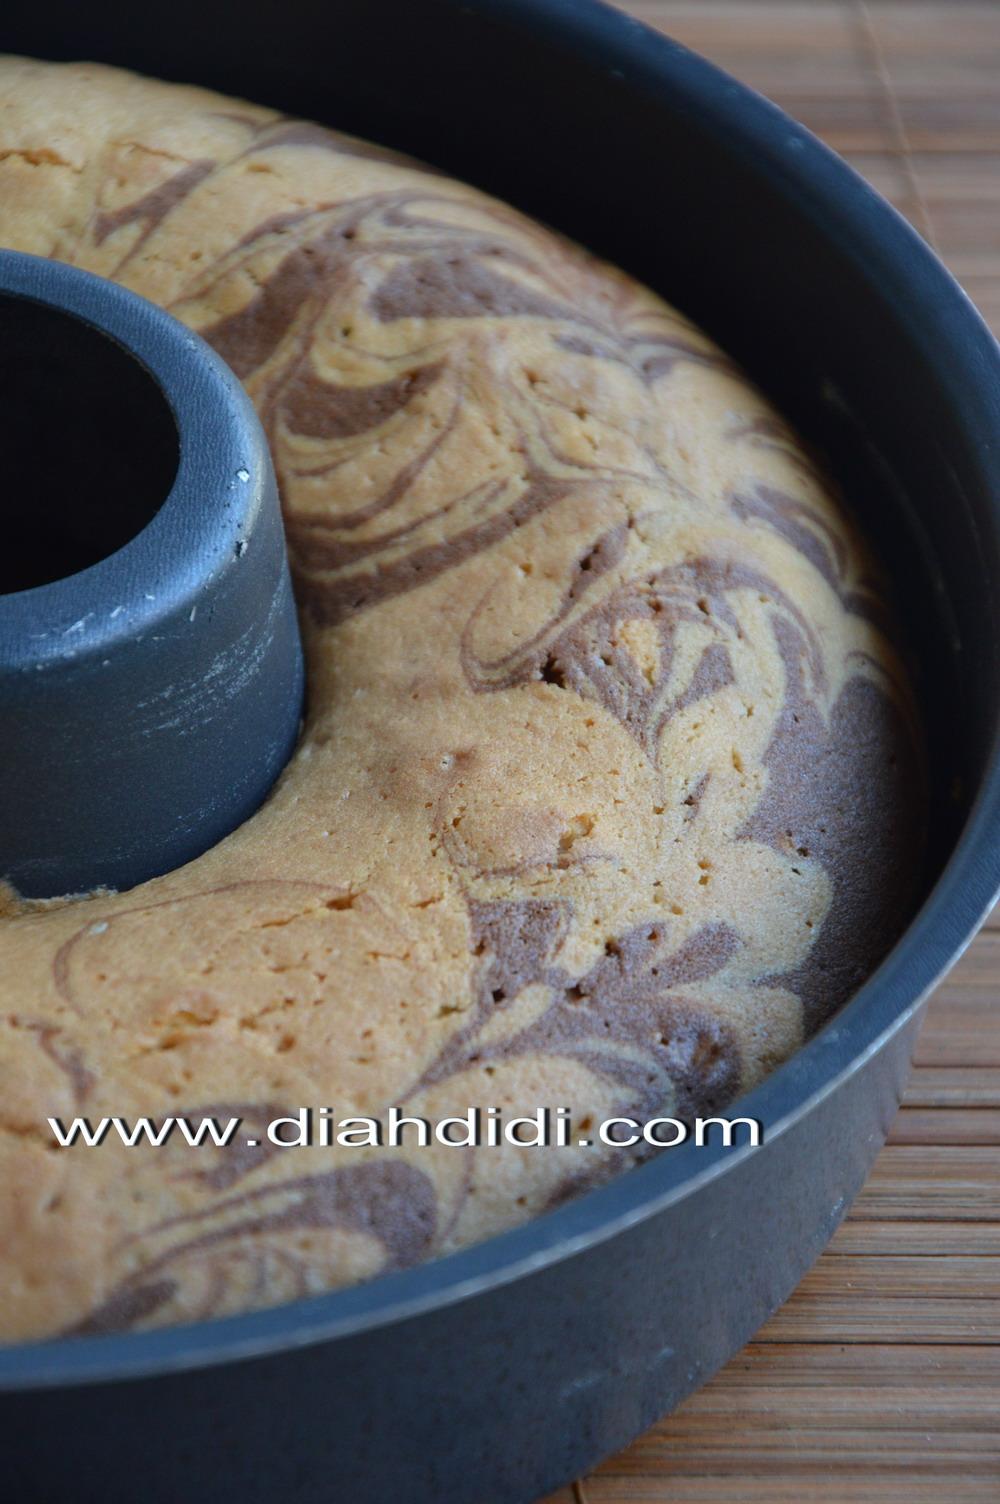 Resep Marmer Cake Lembut Dan Berminyak : resep, marmer, lembut, berminyak, Didi's, Kitchen:, Butter, Dasar...Dengan, Tehnik, Kuning, Telur, Putih, Kocok, Terpisah